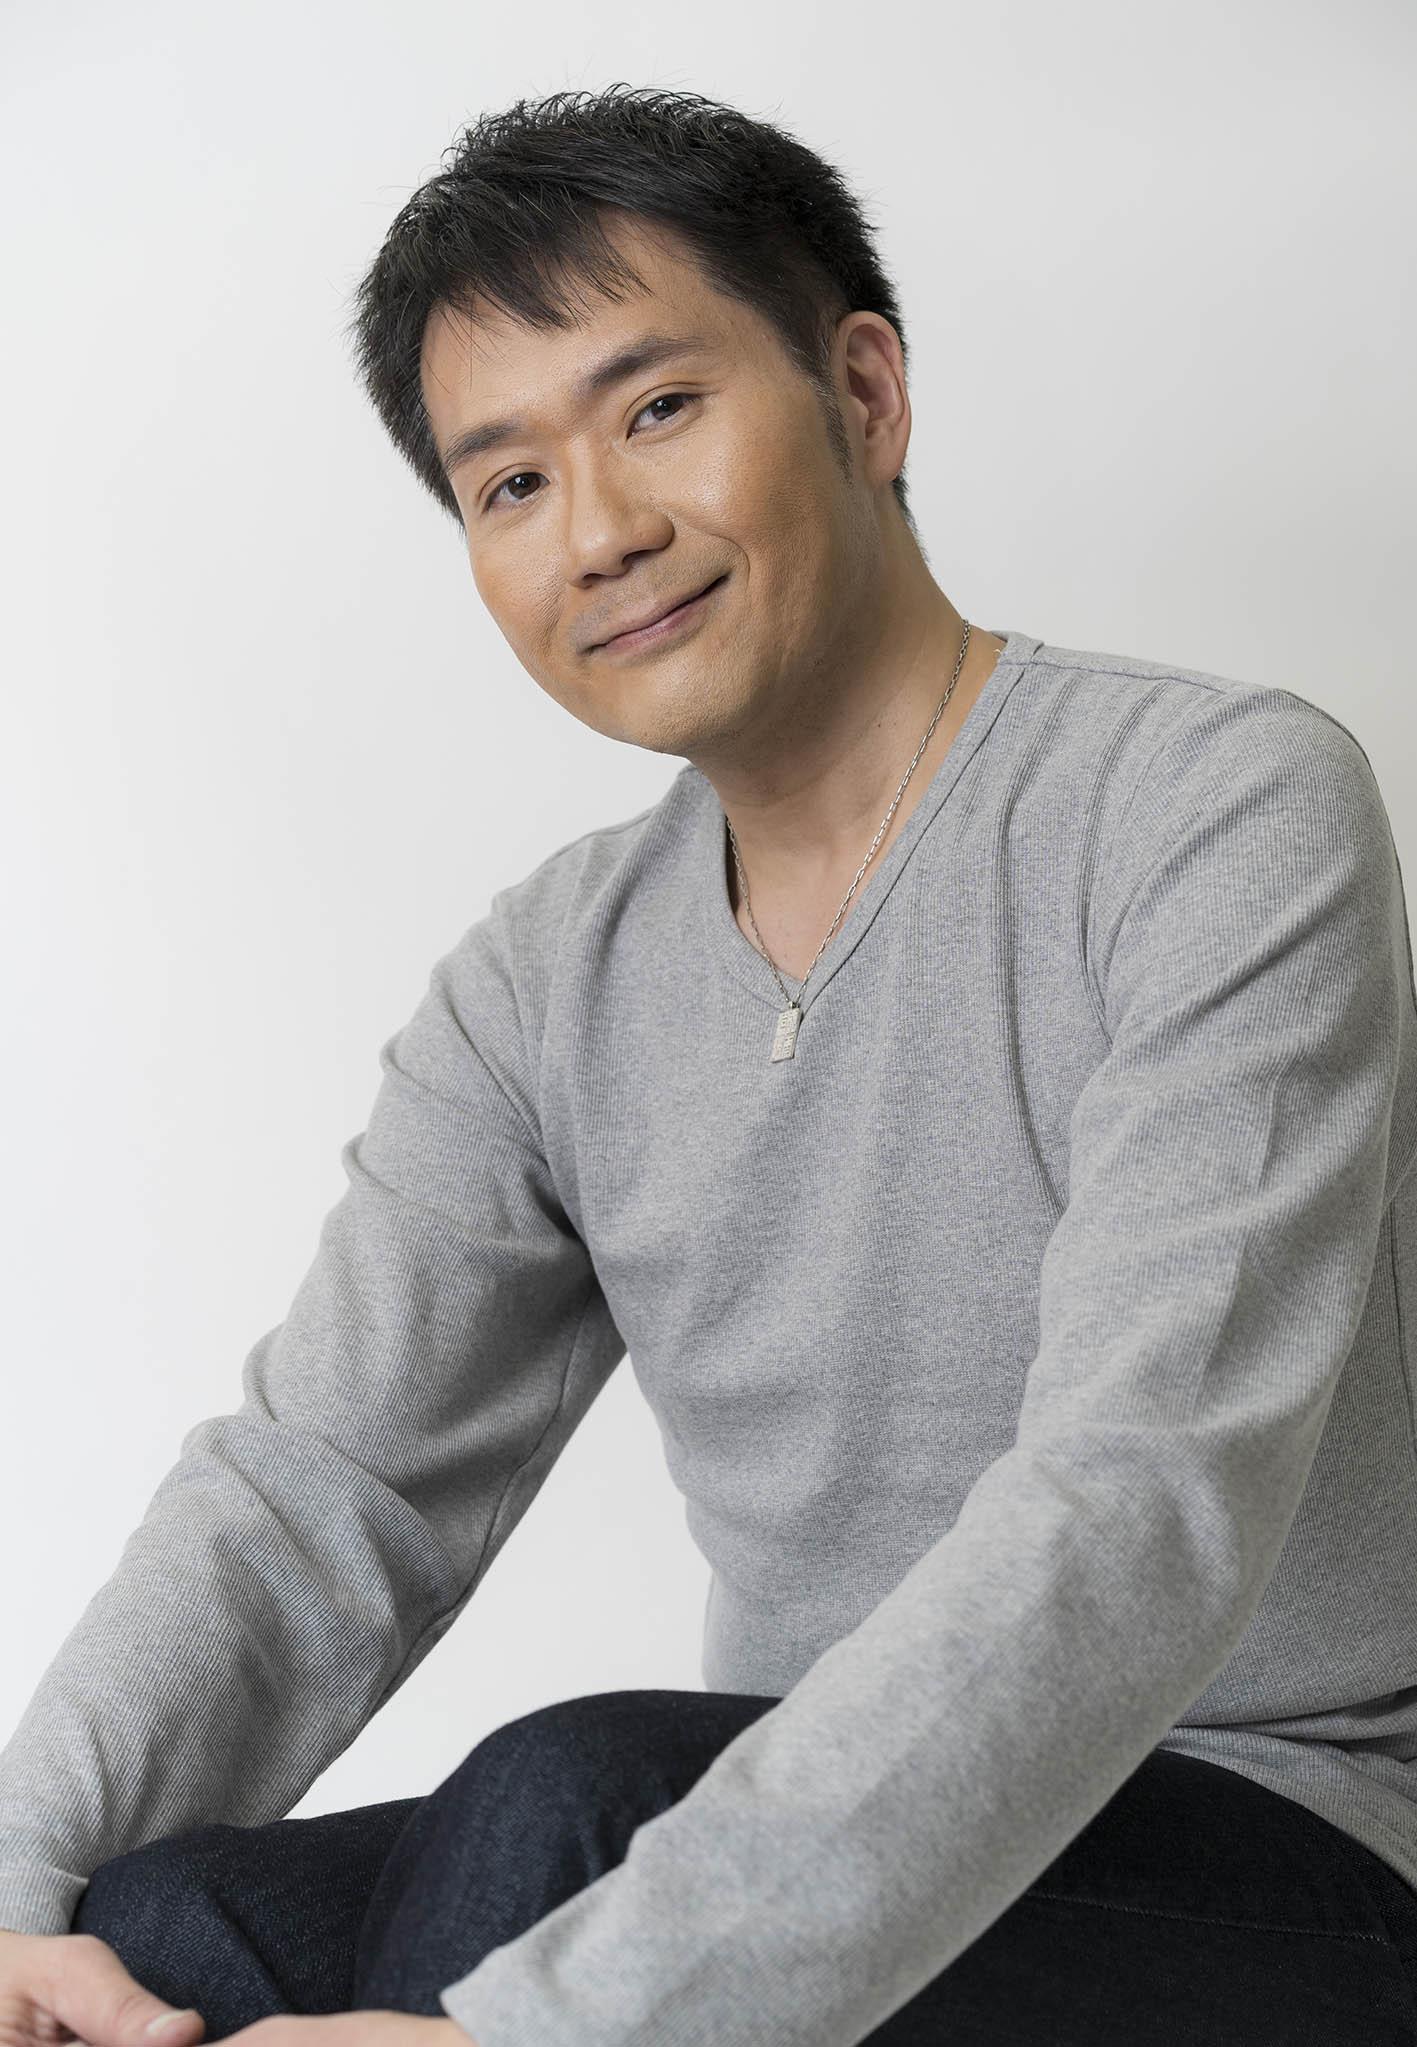 アニメ「ヘタリア World★Stars」ラトビア役・たなかこころさん